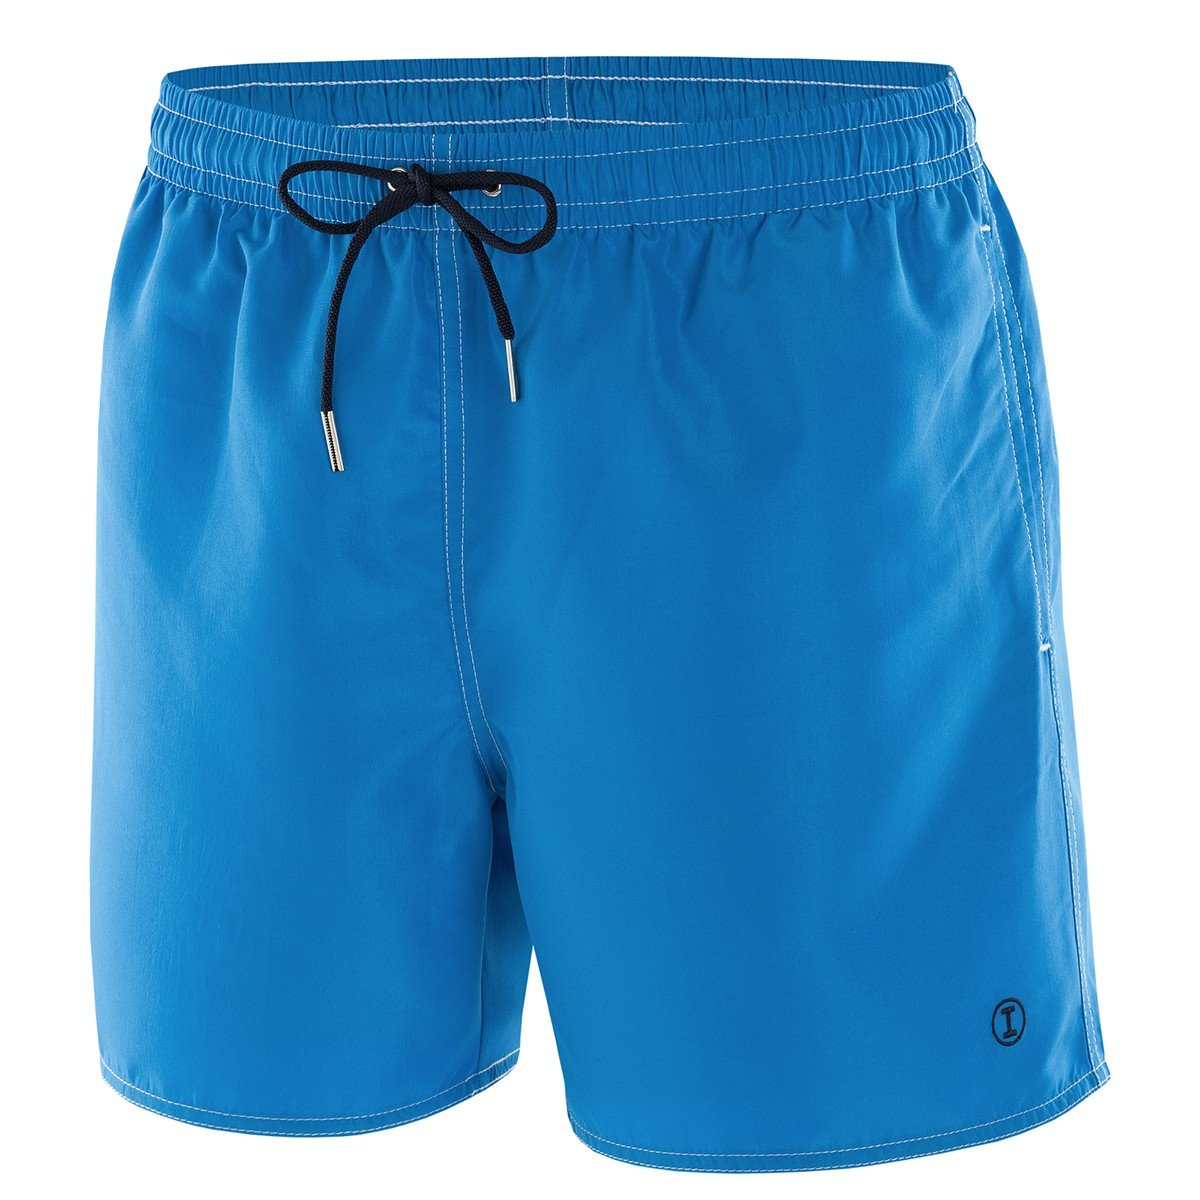 IMPETUS Herren Badeshort Blau blau